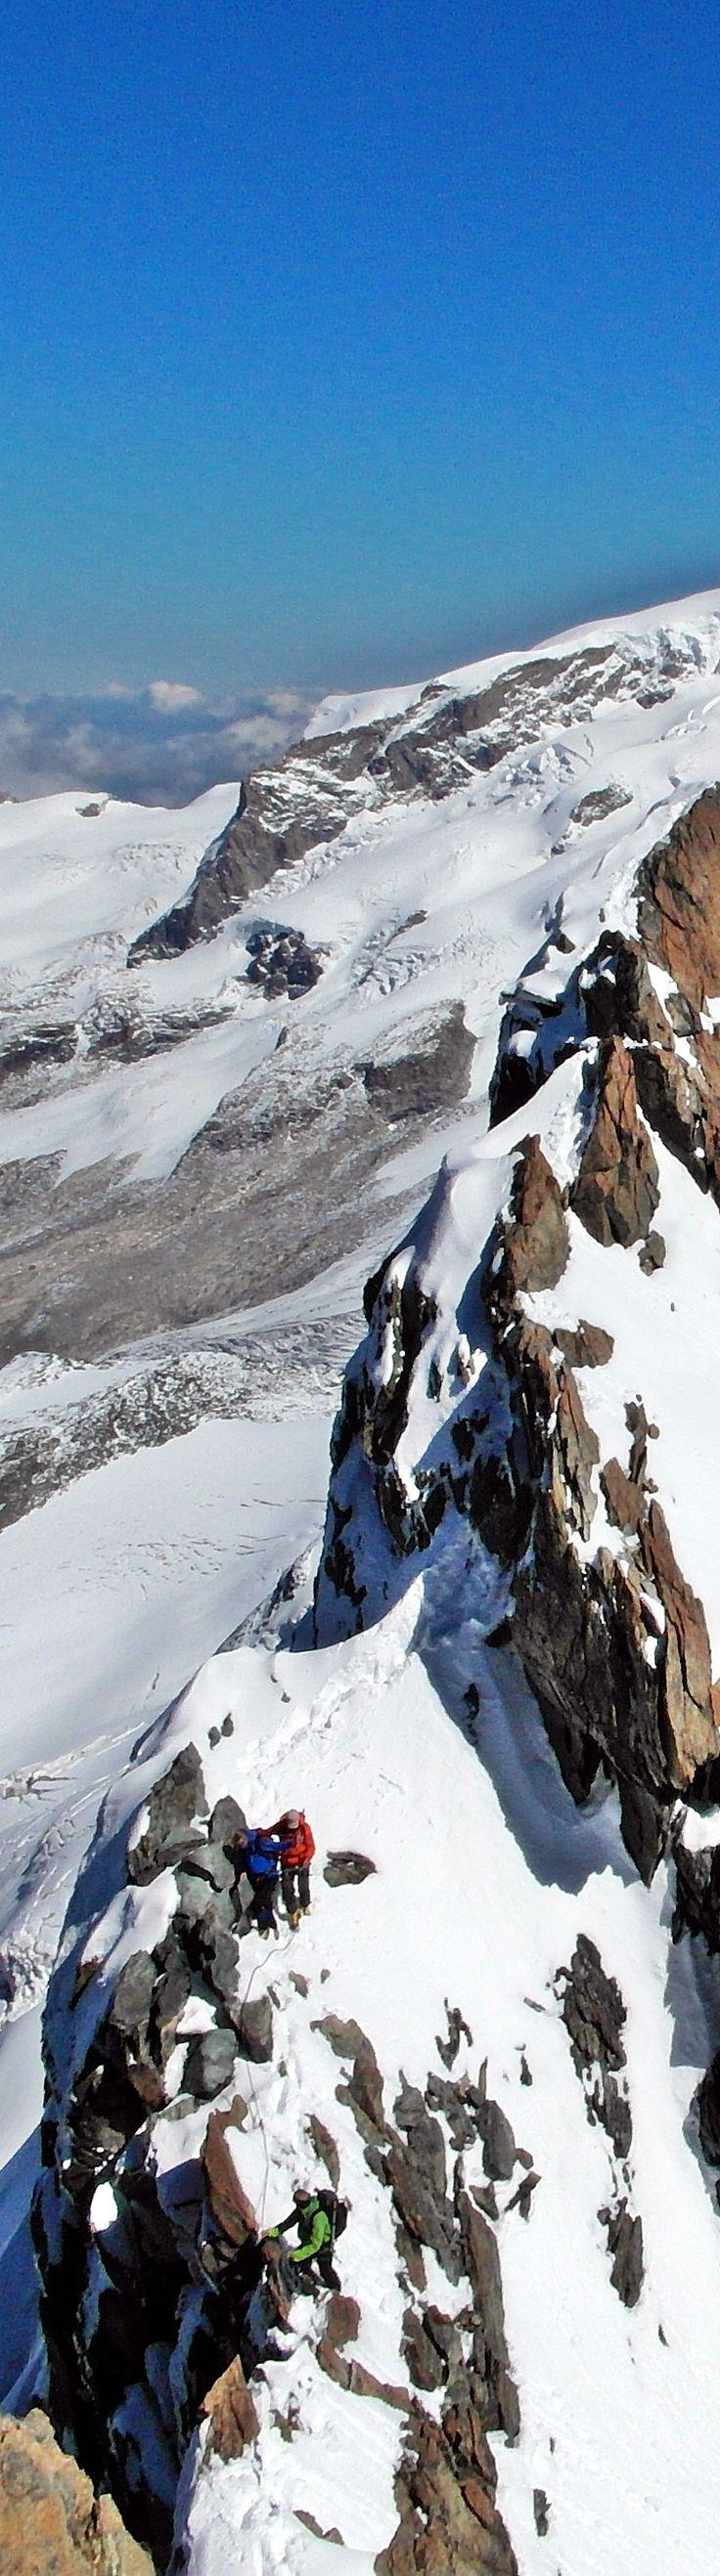 Summit ridge traverse on Breithorn massif, on the Swiss / Italian border.